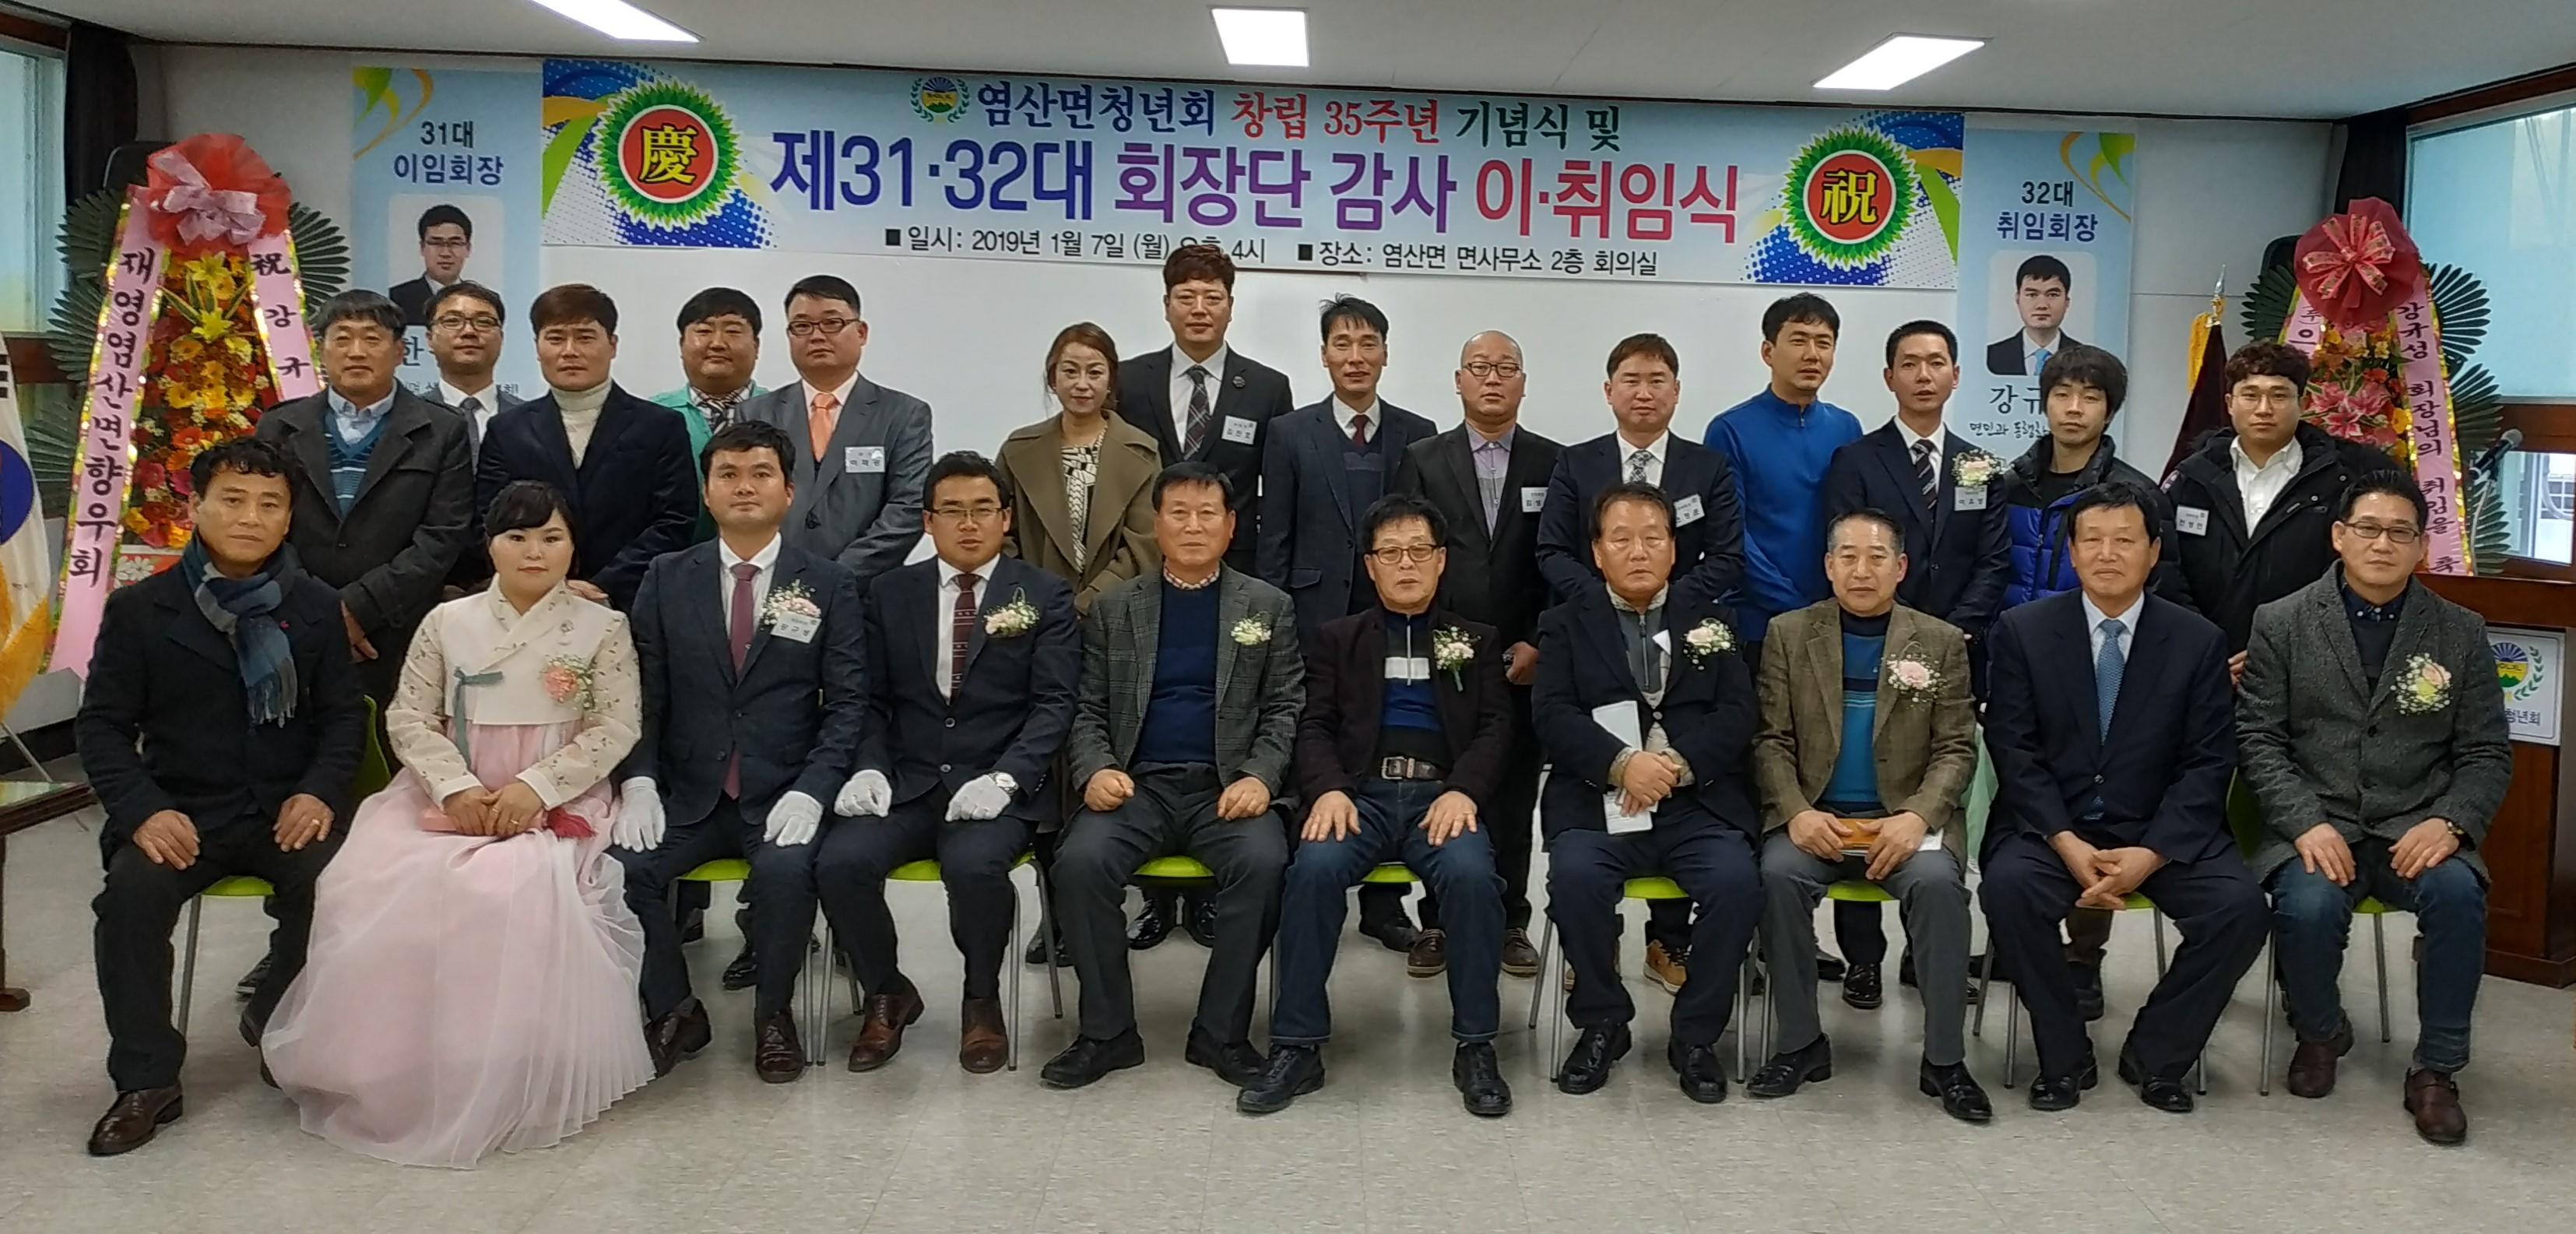 염산면 청년회 이·취임식 성황리 개최